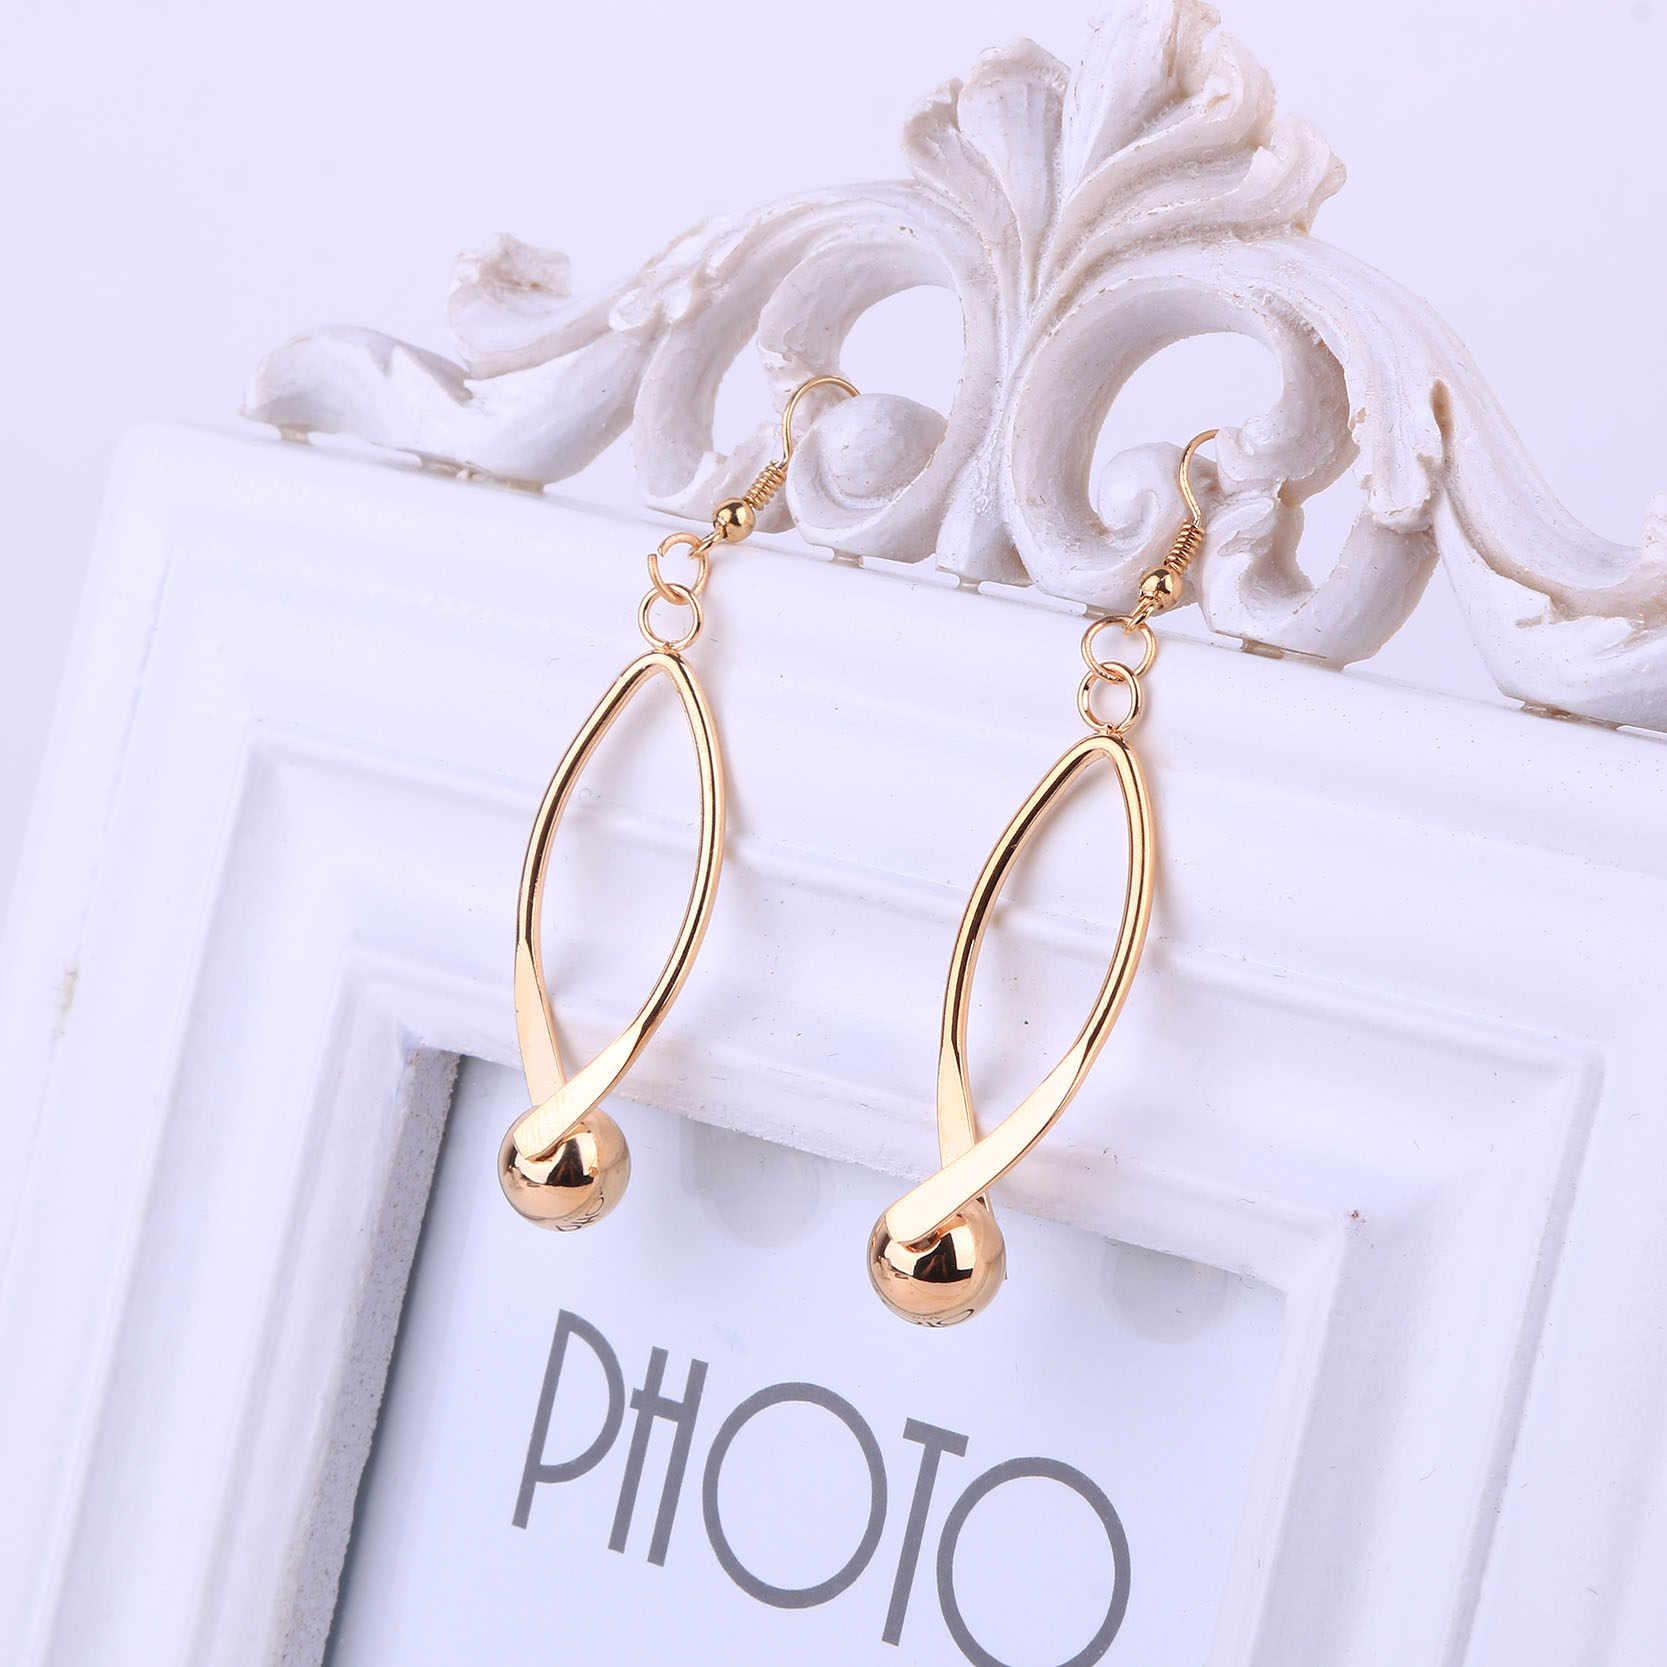 Dubai Gold Farbe Schmuck Aushöhlen Shaped Halsband Halskette mit Ohrring Set für Frauen